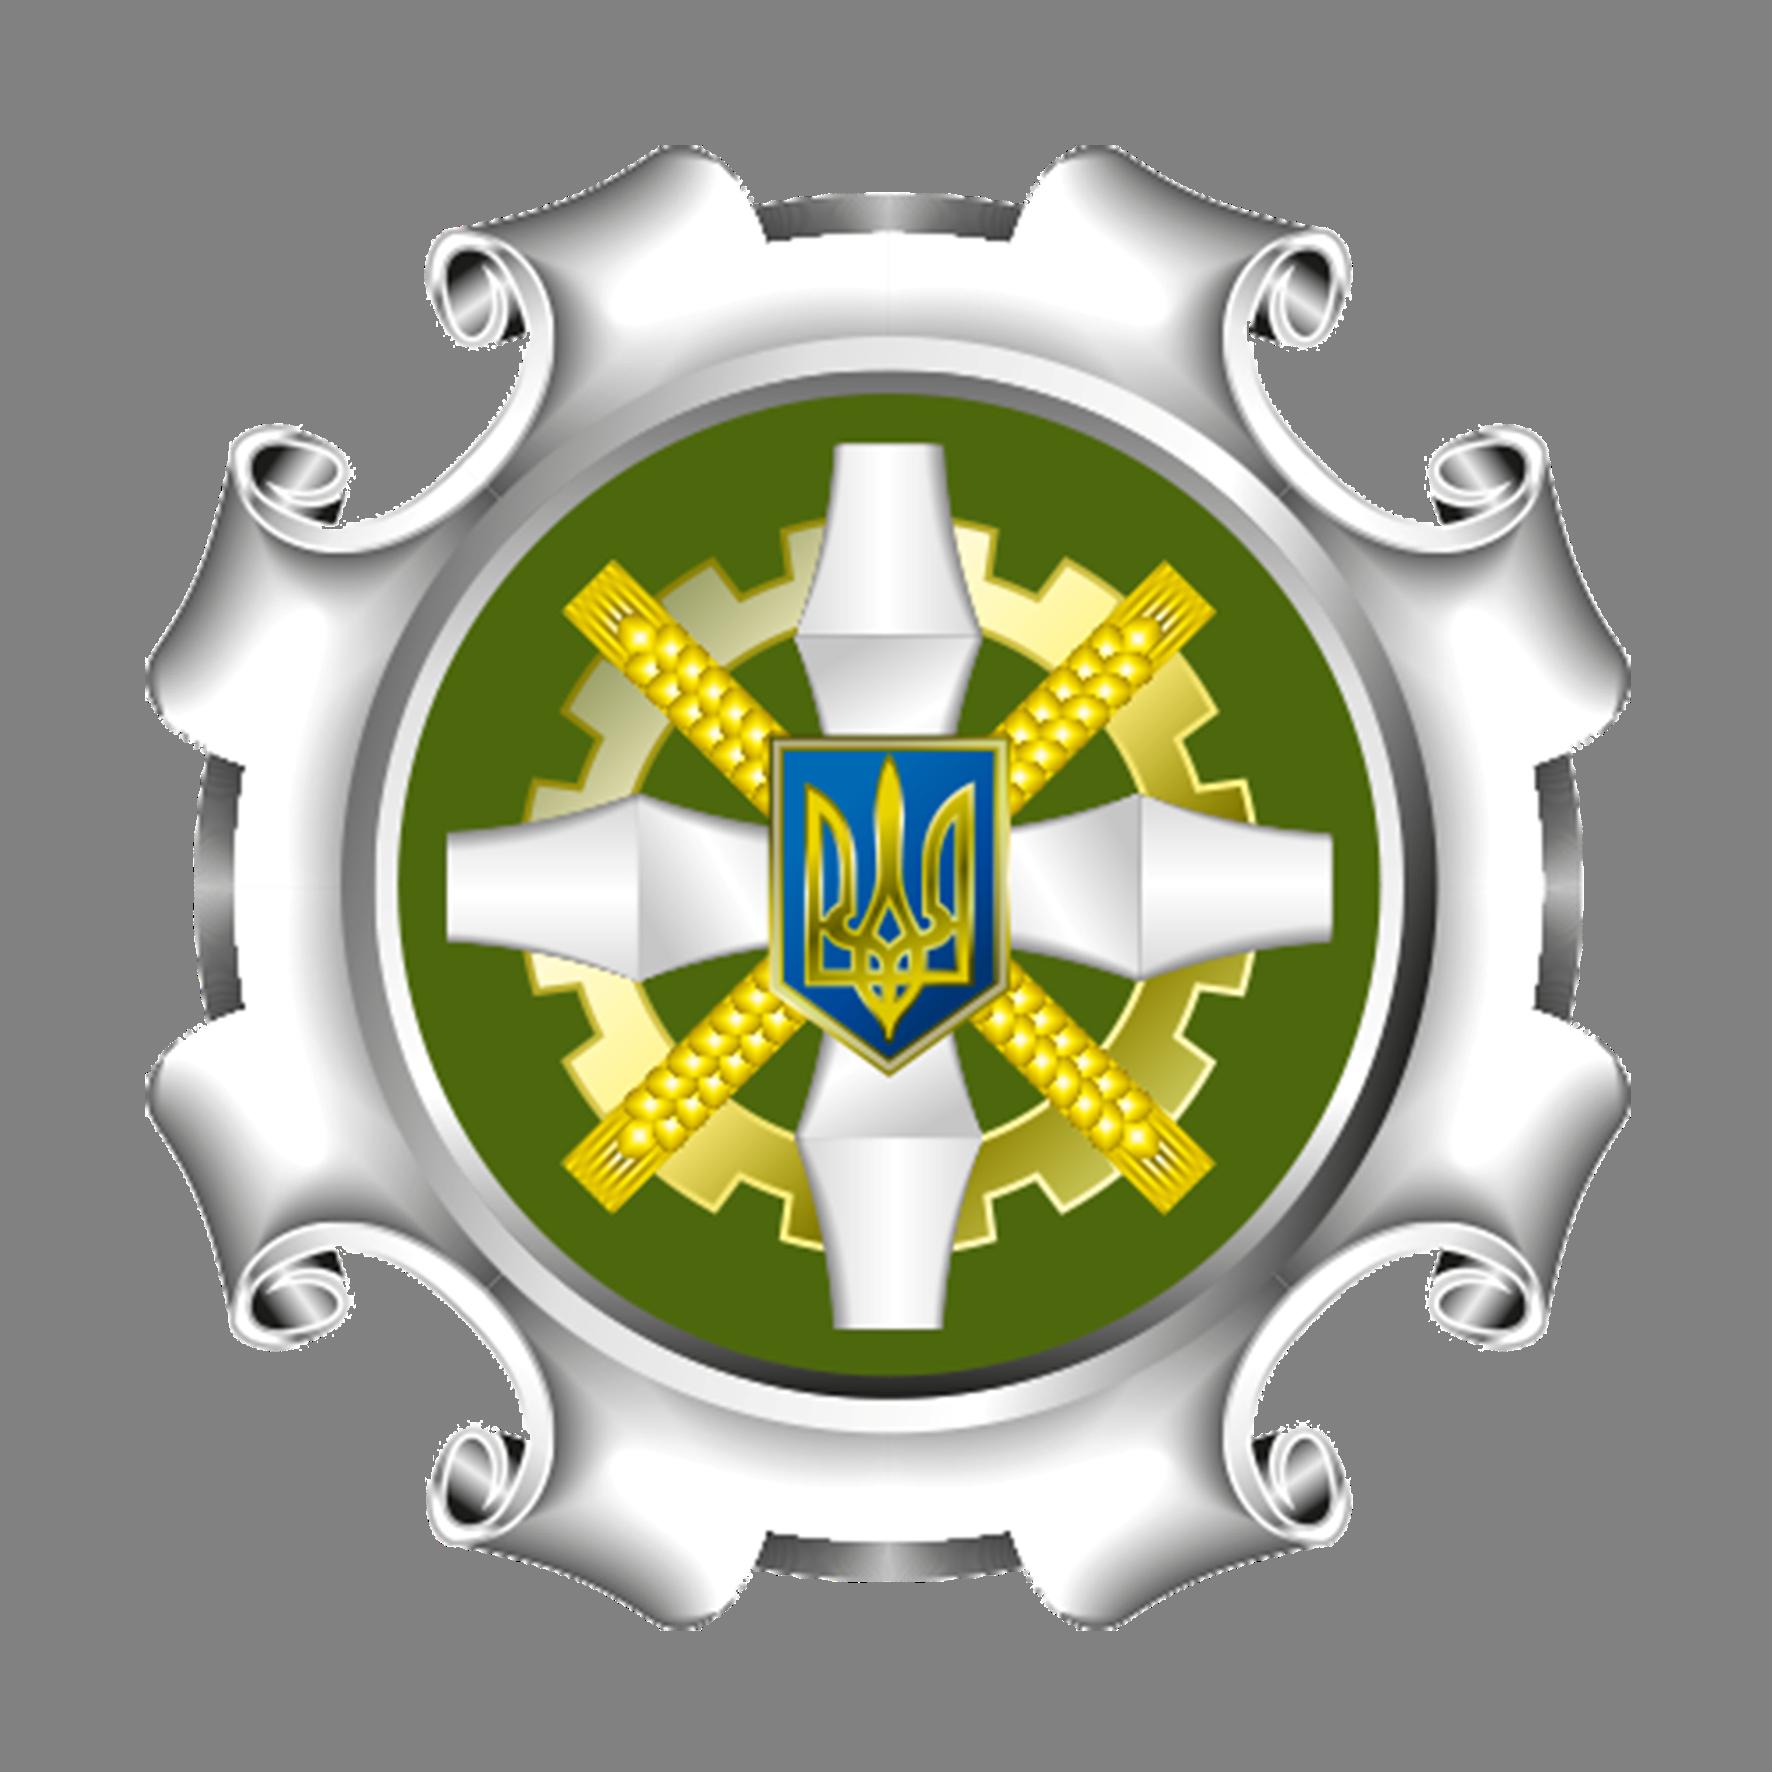 holovne-upravlinnia-pensiinoho-fondu-ukrayiny-v-donetskii-oblasti